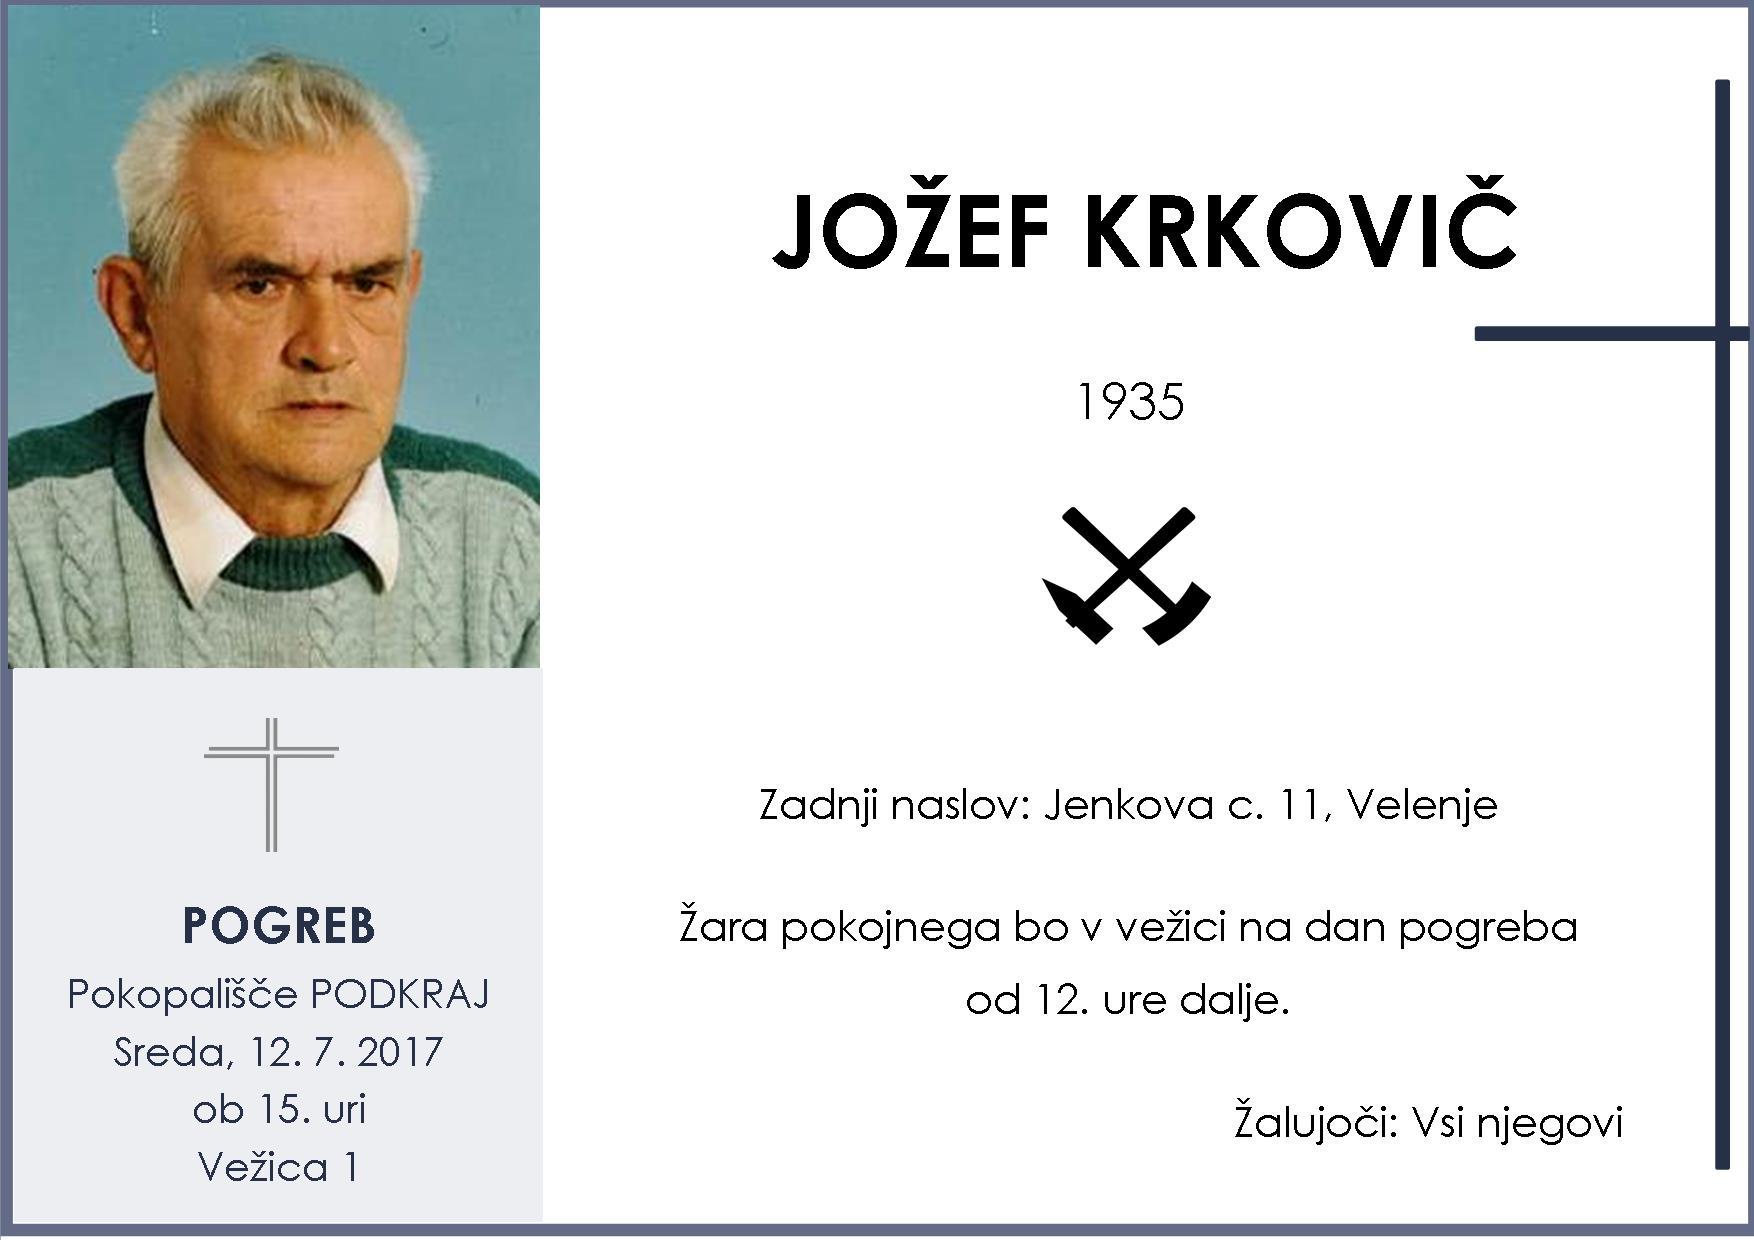 JOŽEF KRKOVIČ, Podkraj, 12. 7. 2017